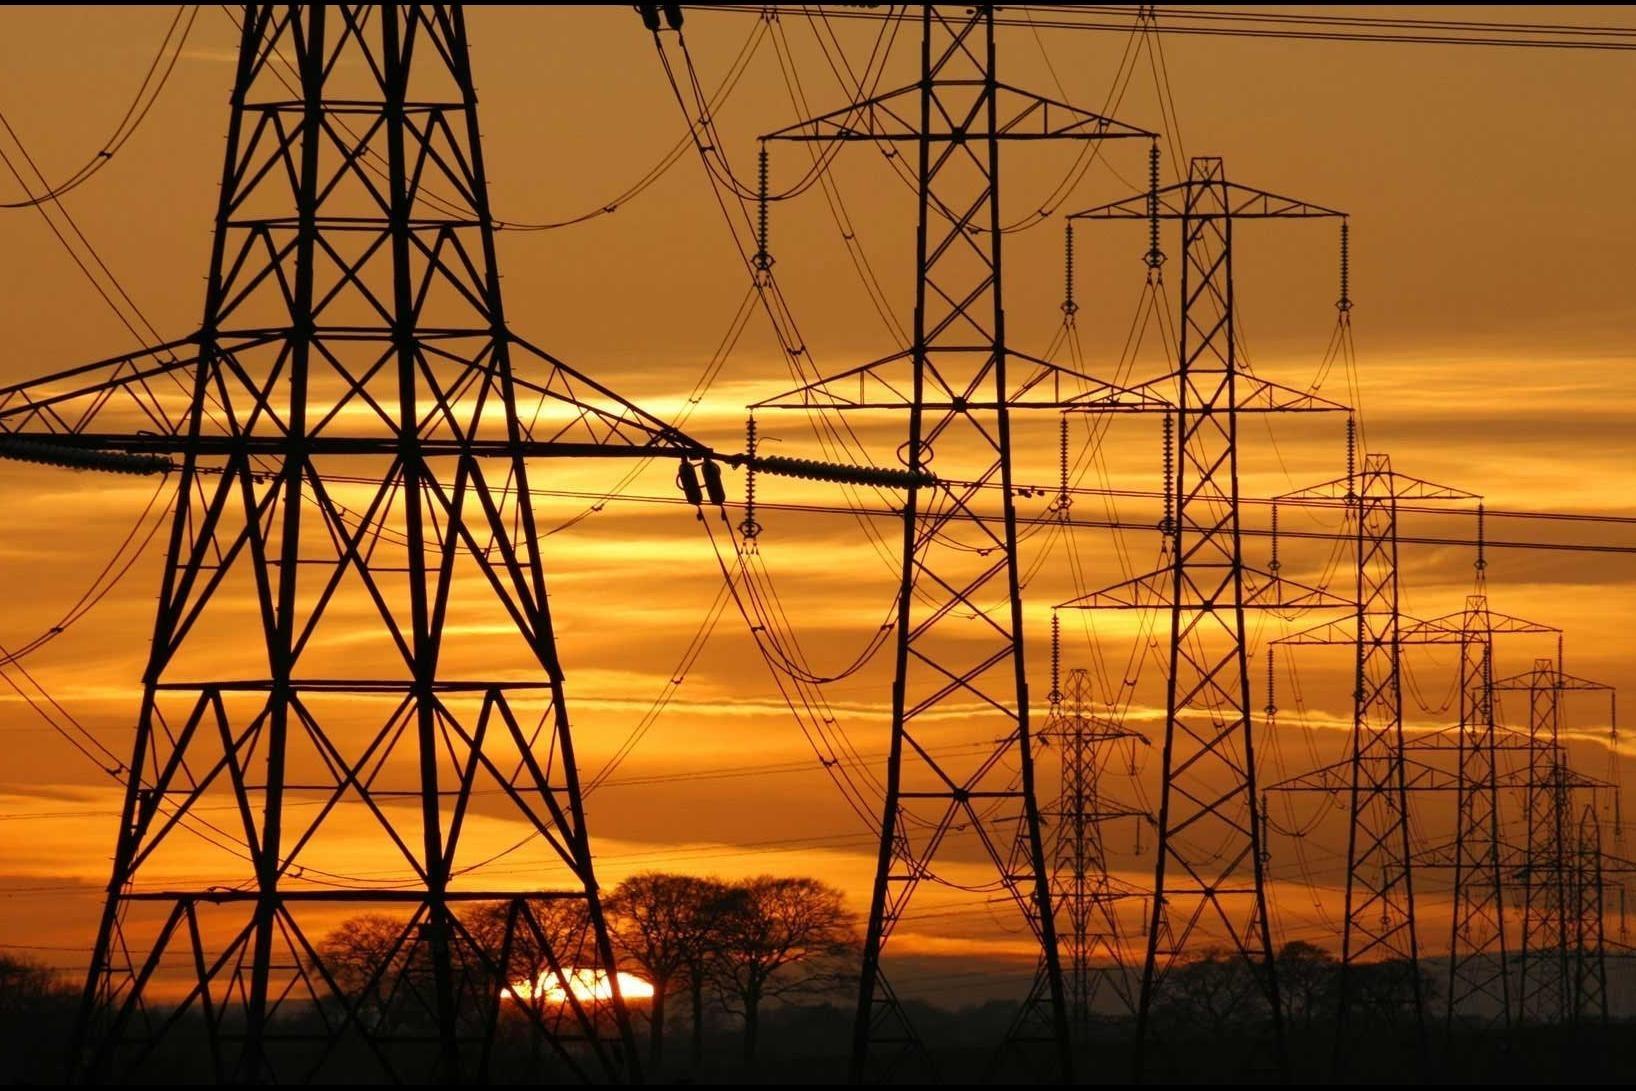 هشدار توانیر | مصرف برق را کاهش دهید